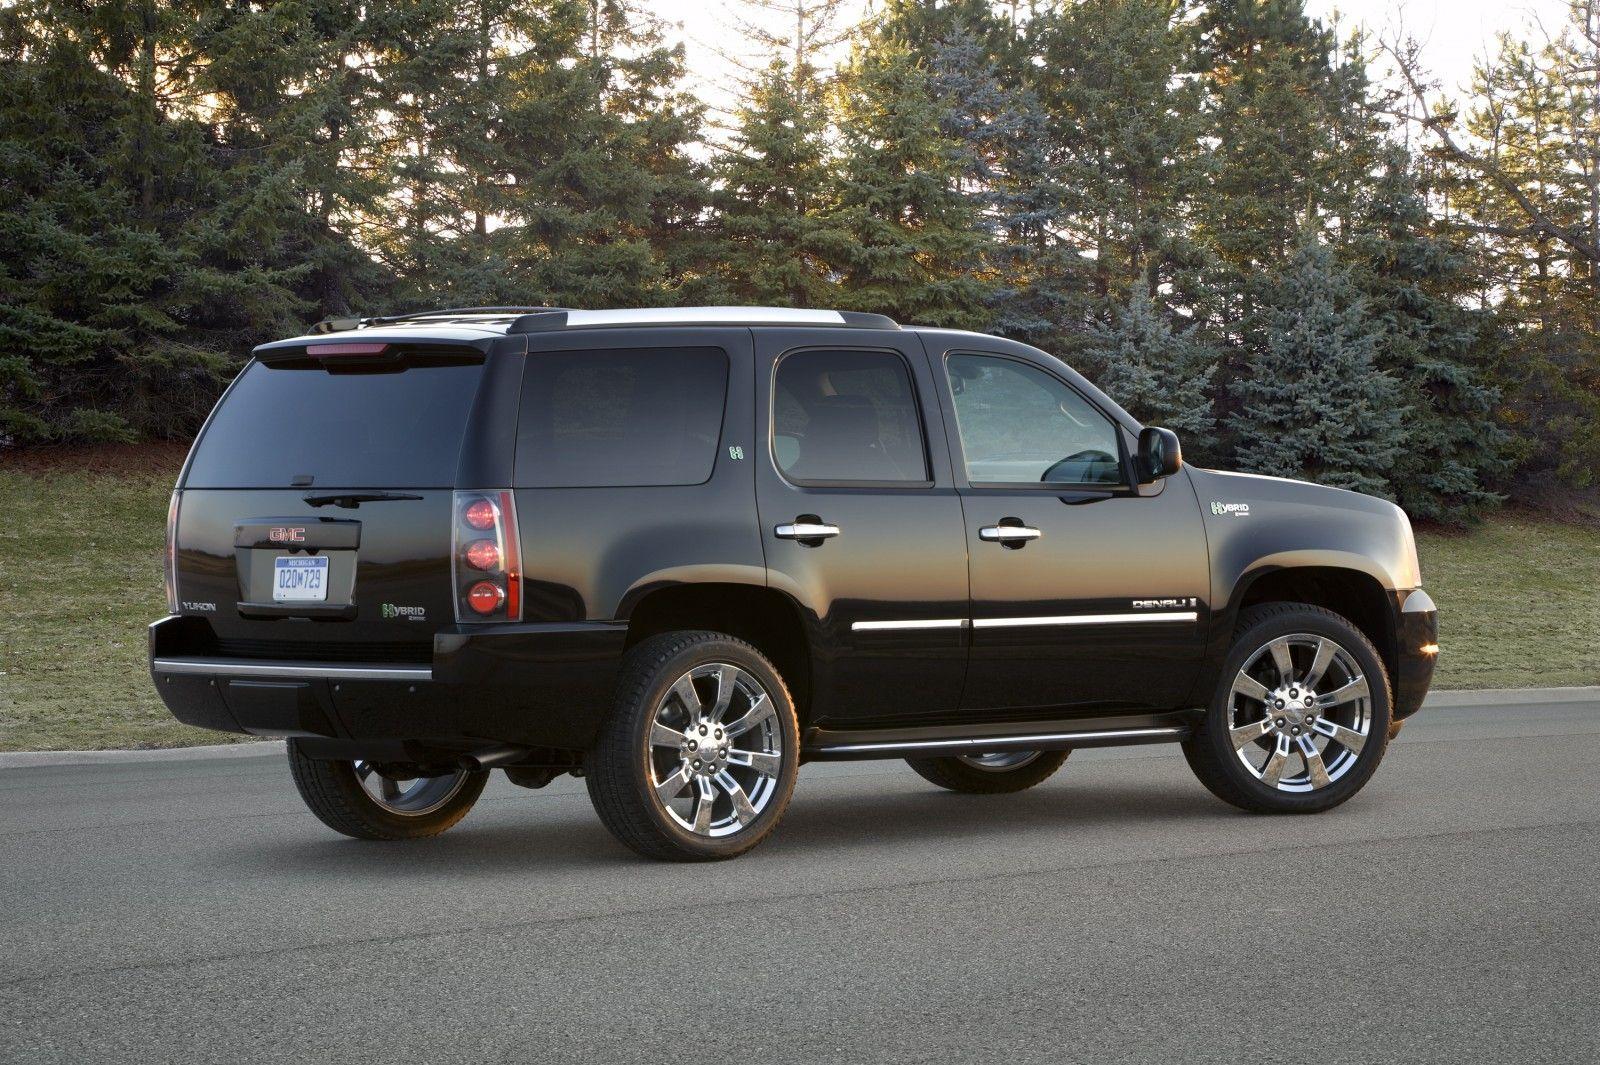 2013 Gmc Yukon Denali Hybrid Yukon Denali Gmc Yukon Gmc Yukon